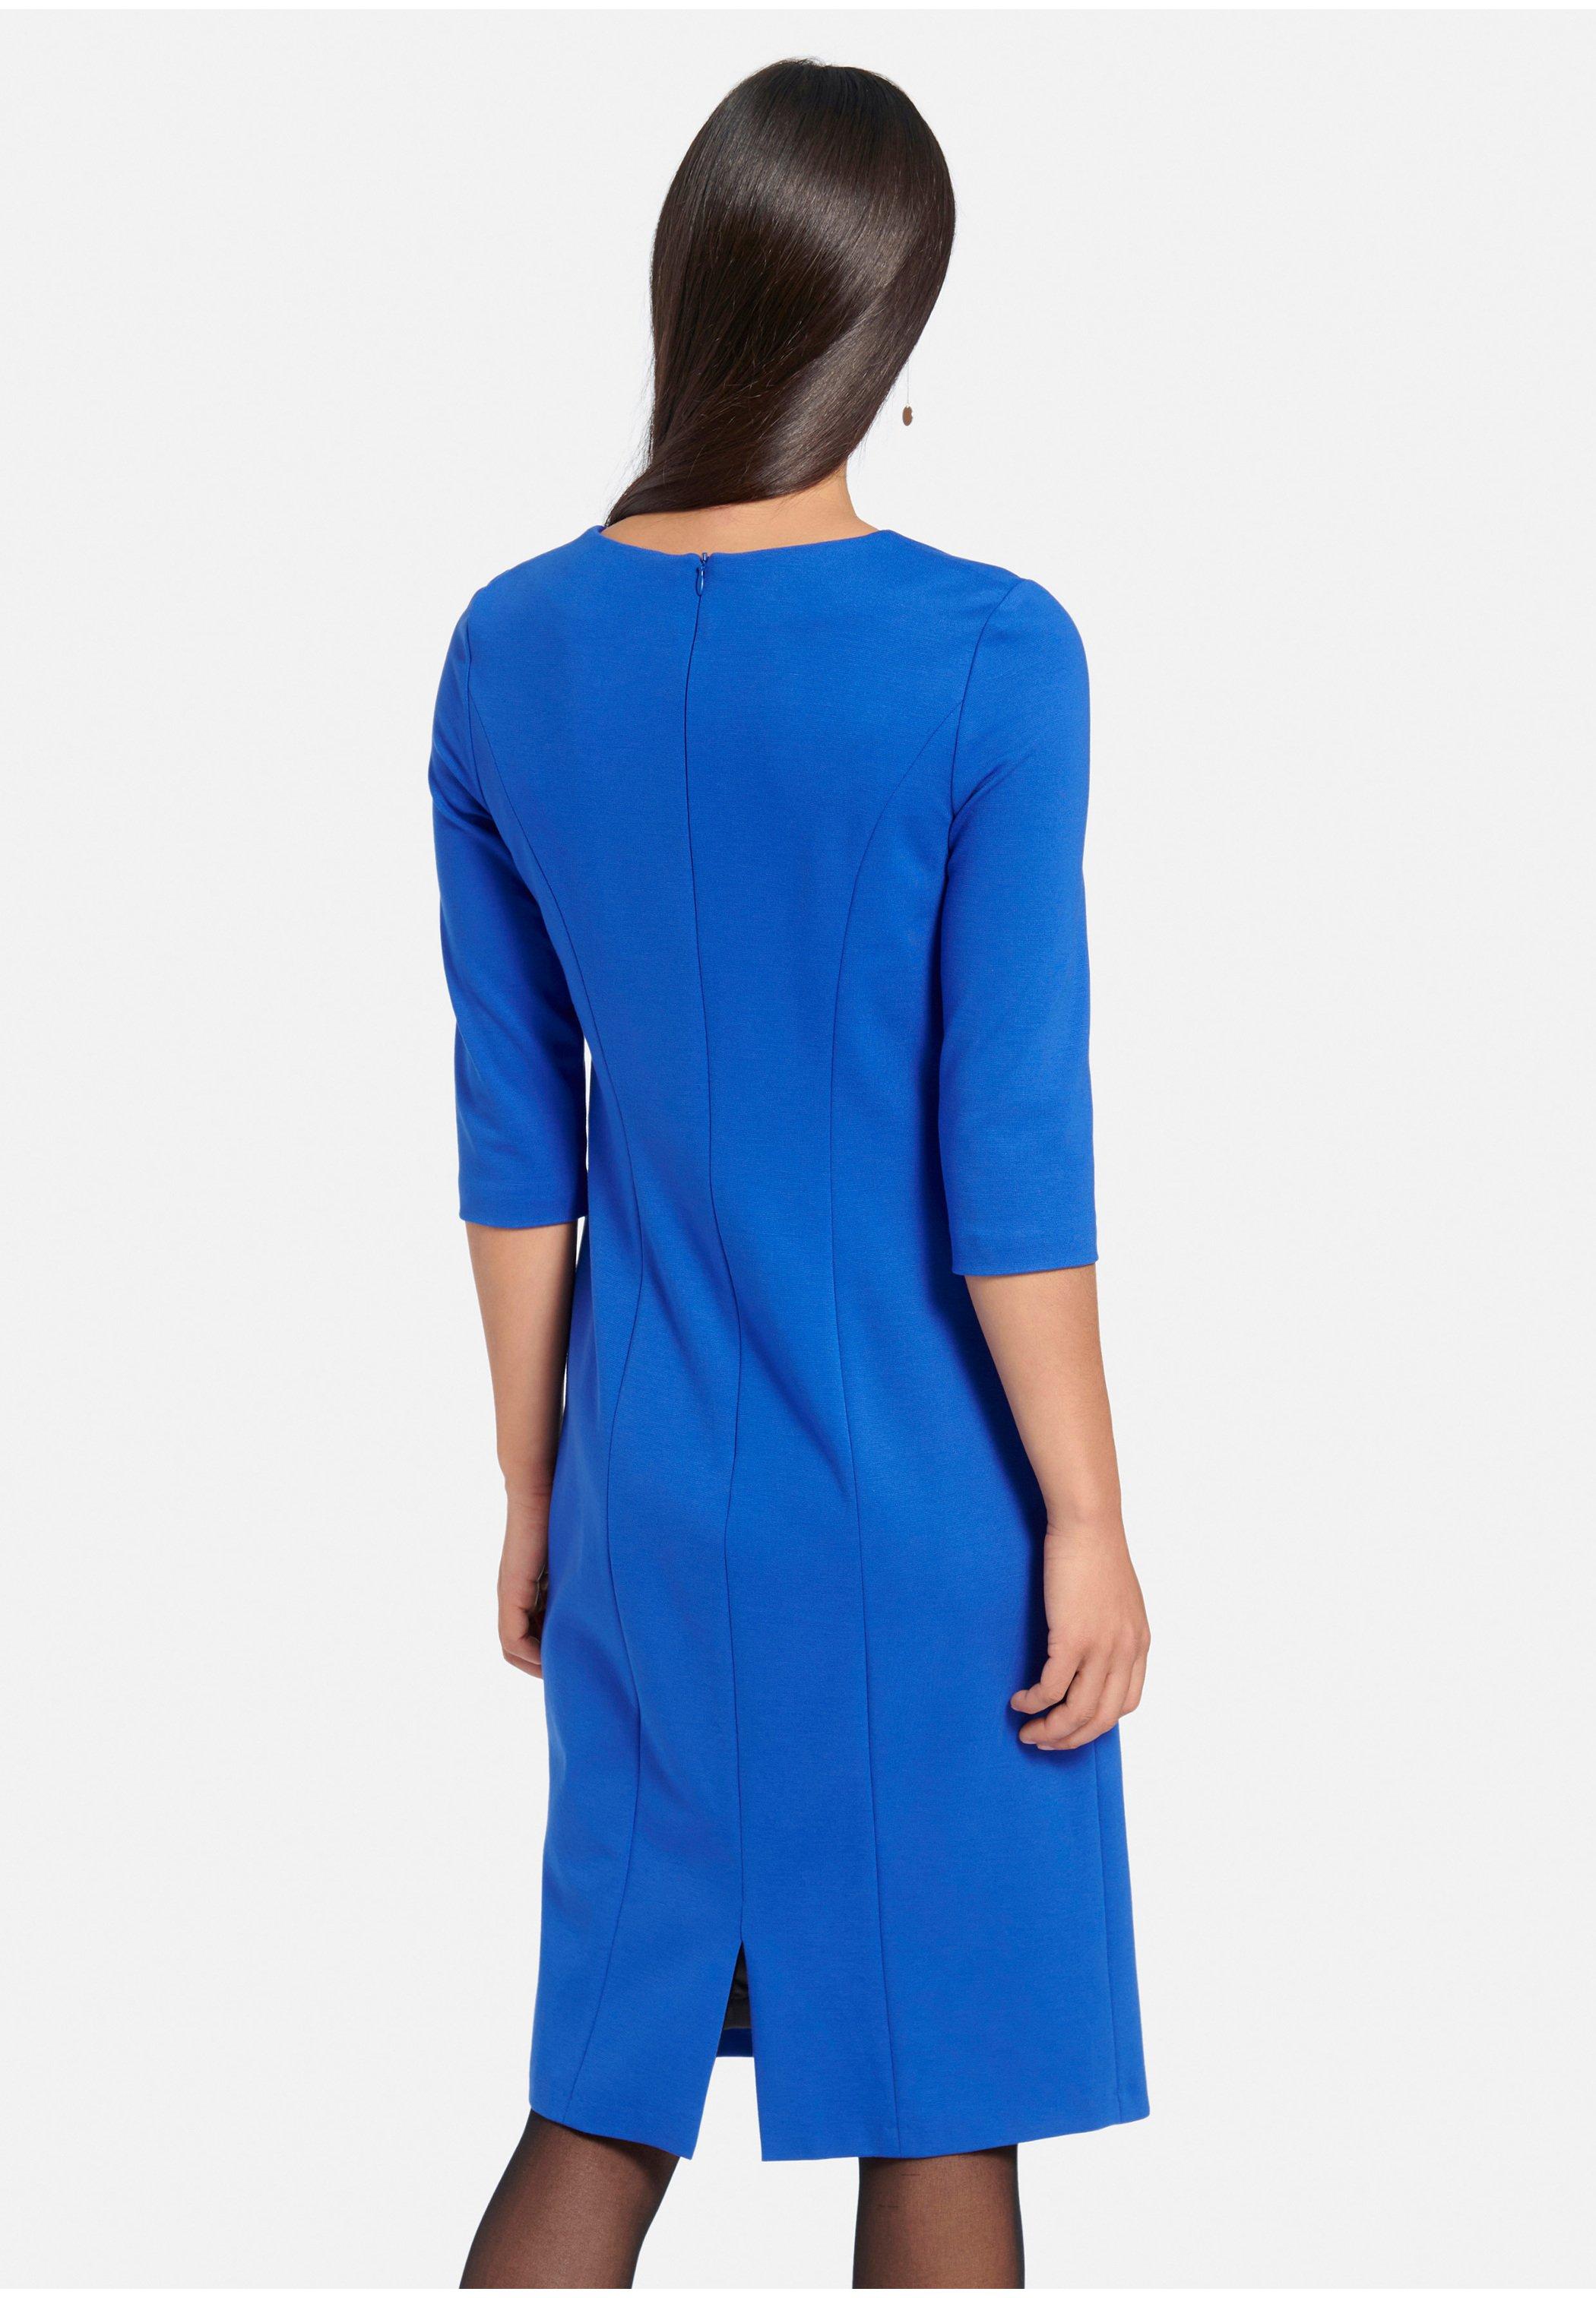 Uta Raasch Jerseykleid kornblumenblau/blau